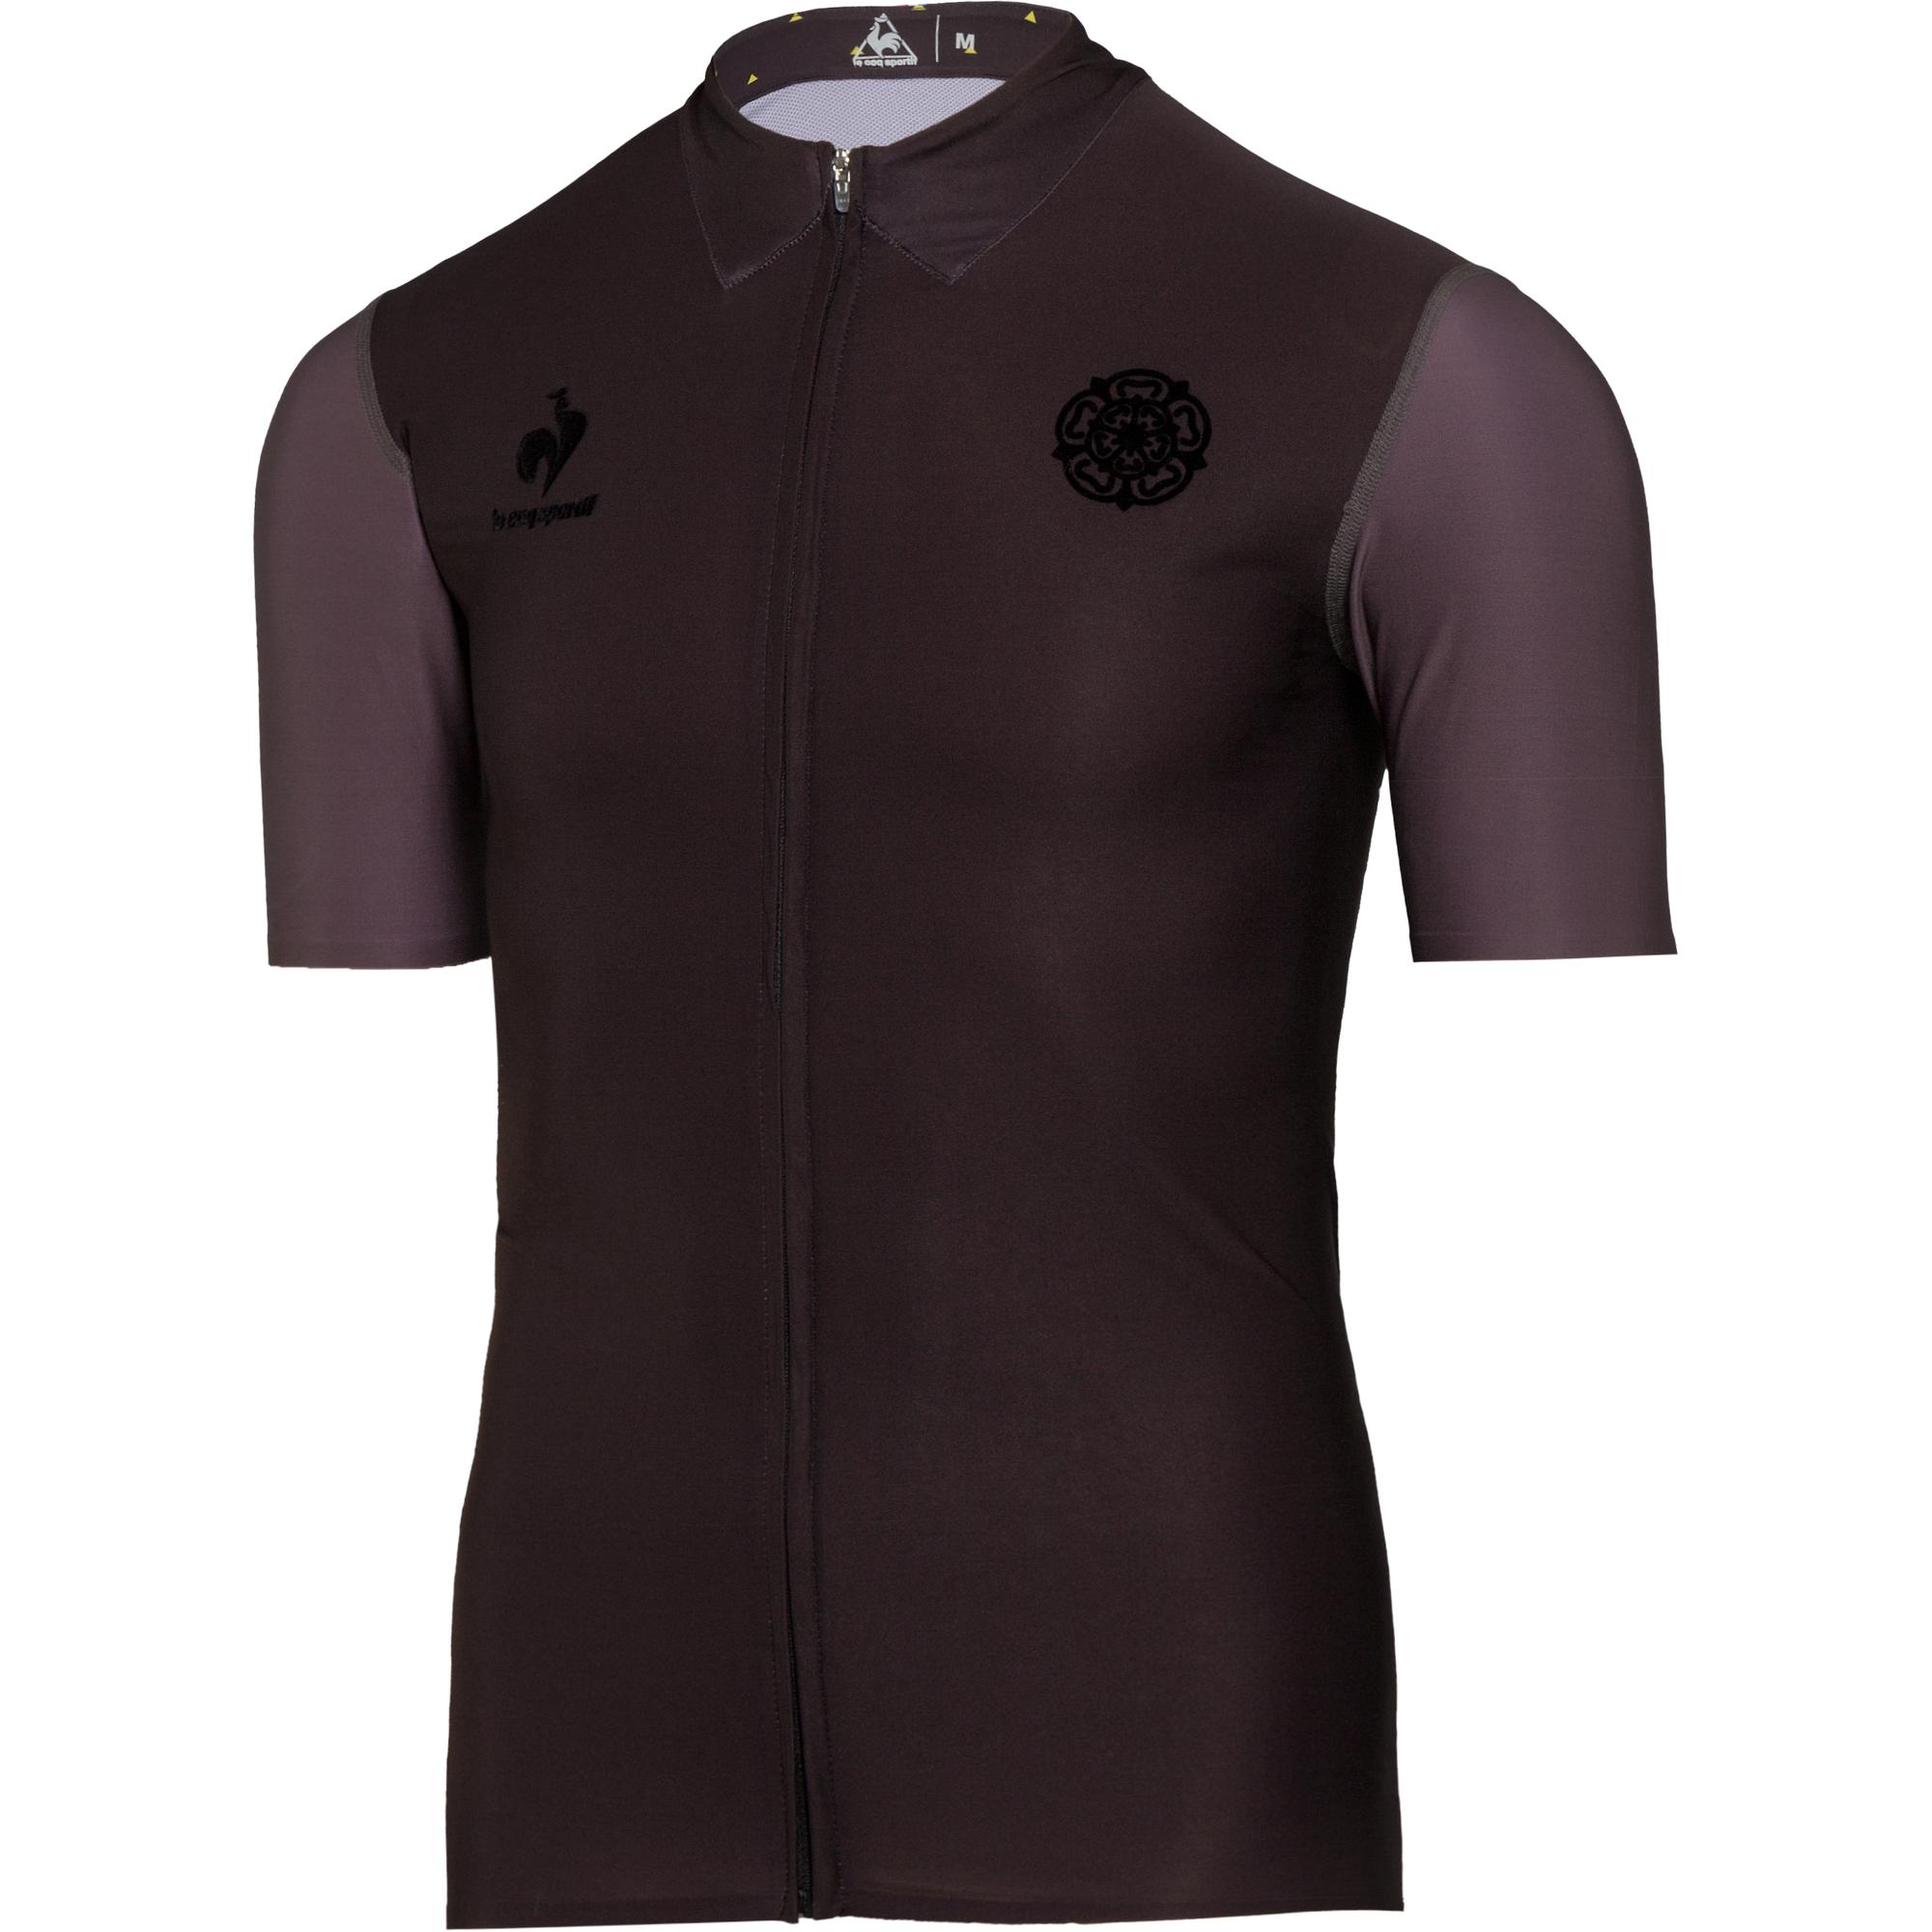 le coq sportif maillot premium yorshire tour de france noir. Black Bedroom Furniture Sets. Home Design Ideas